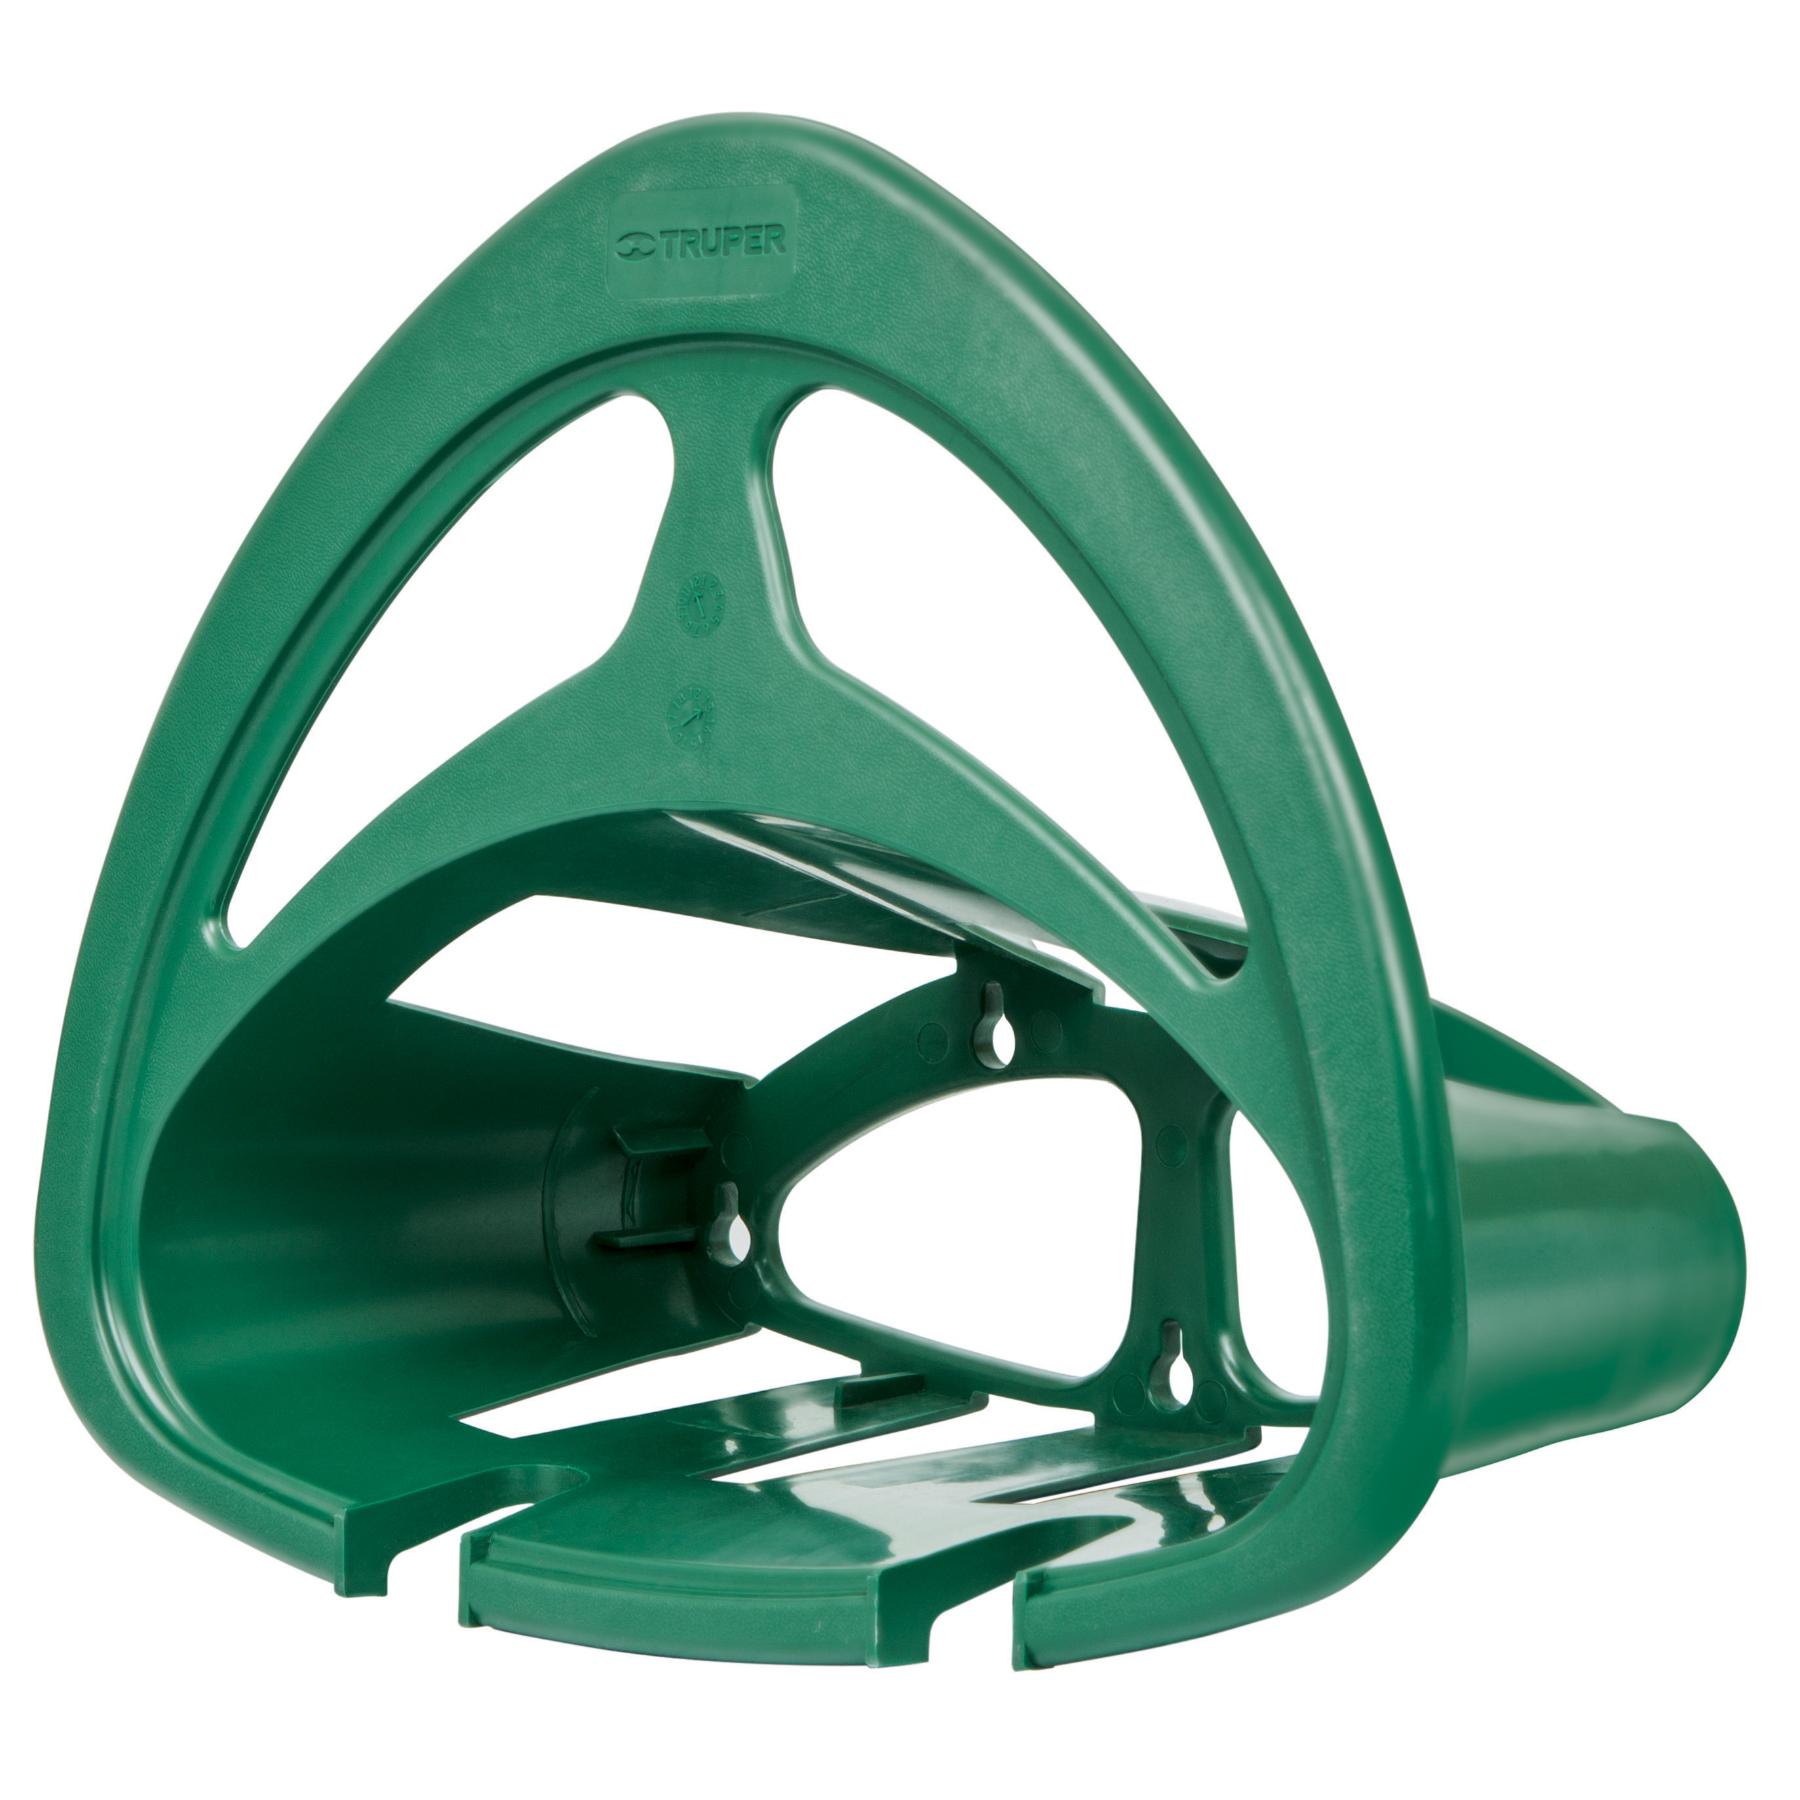 Portamanguera de plástico, verde